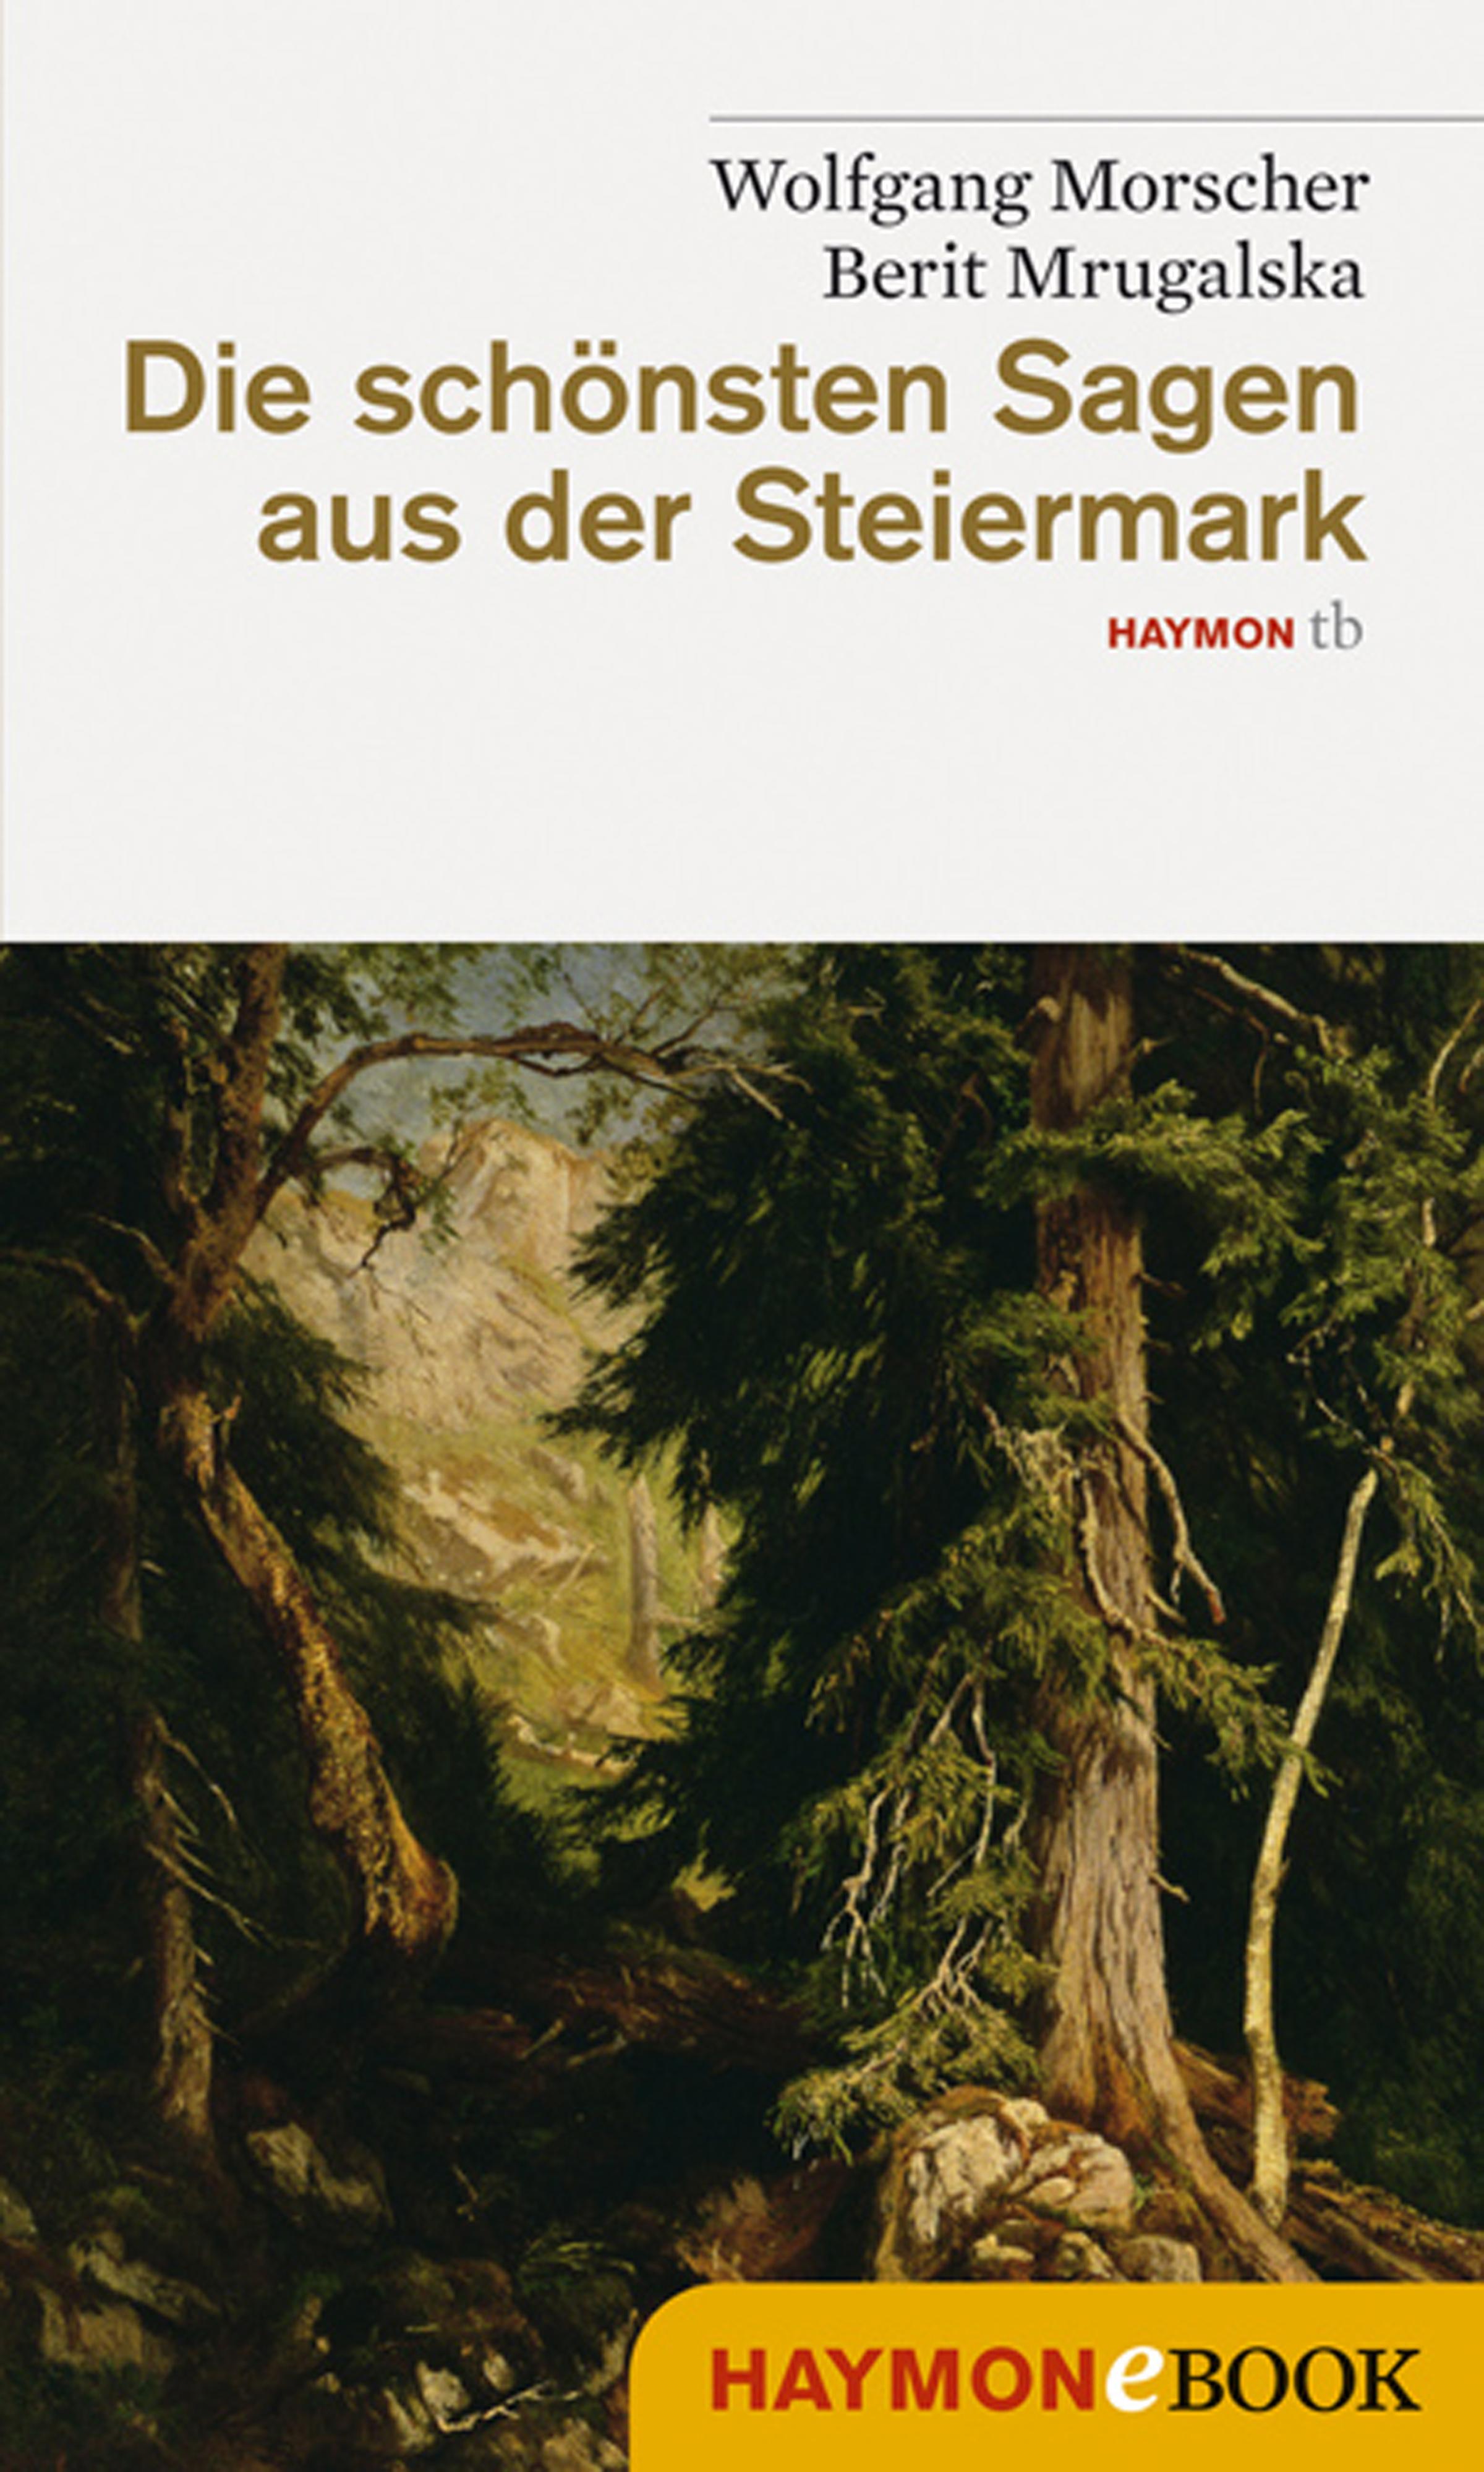 Wolfgang Morscher Die schönsten Sagen aus der Steiermark ignaz vincenz zingerle sagen aus tirol german edition